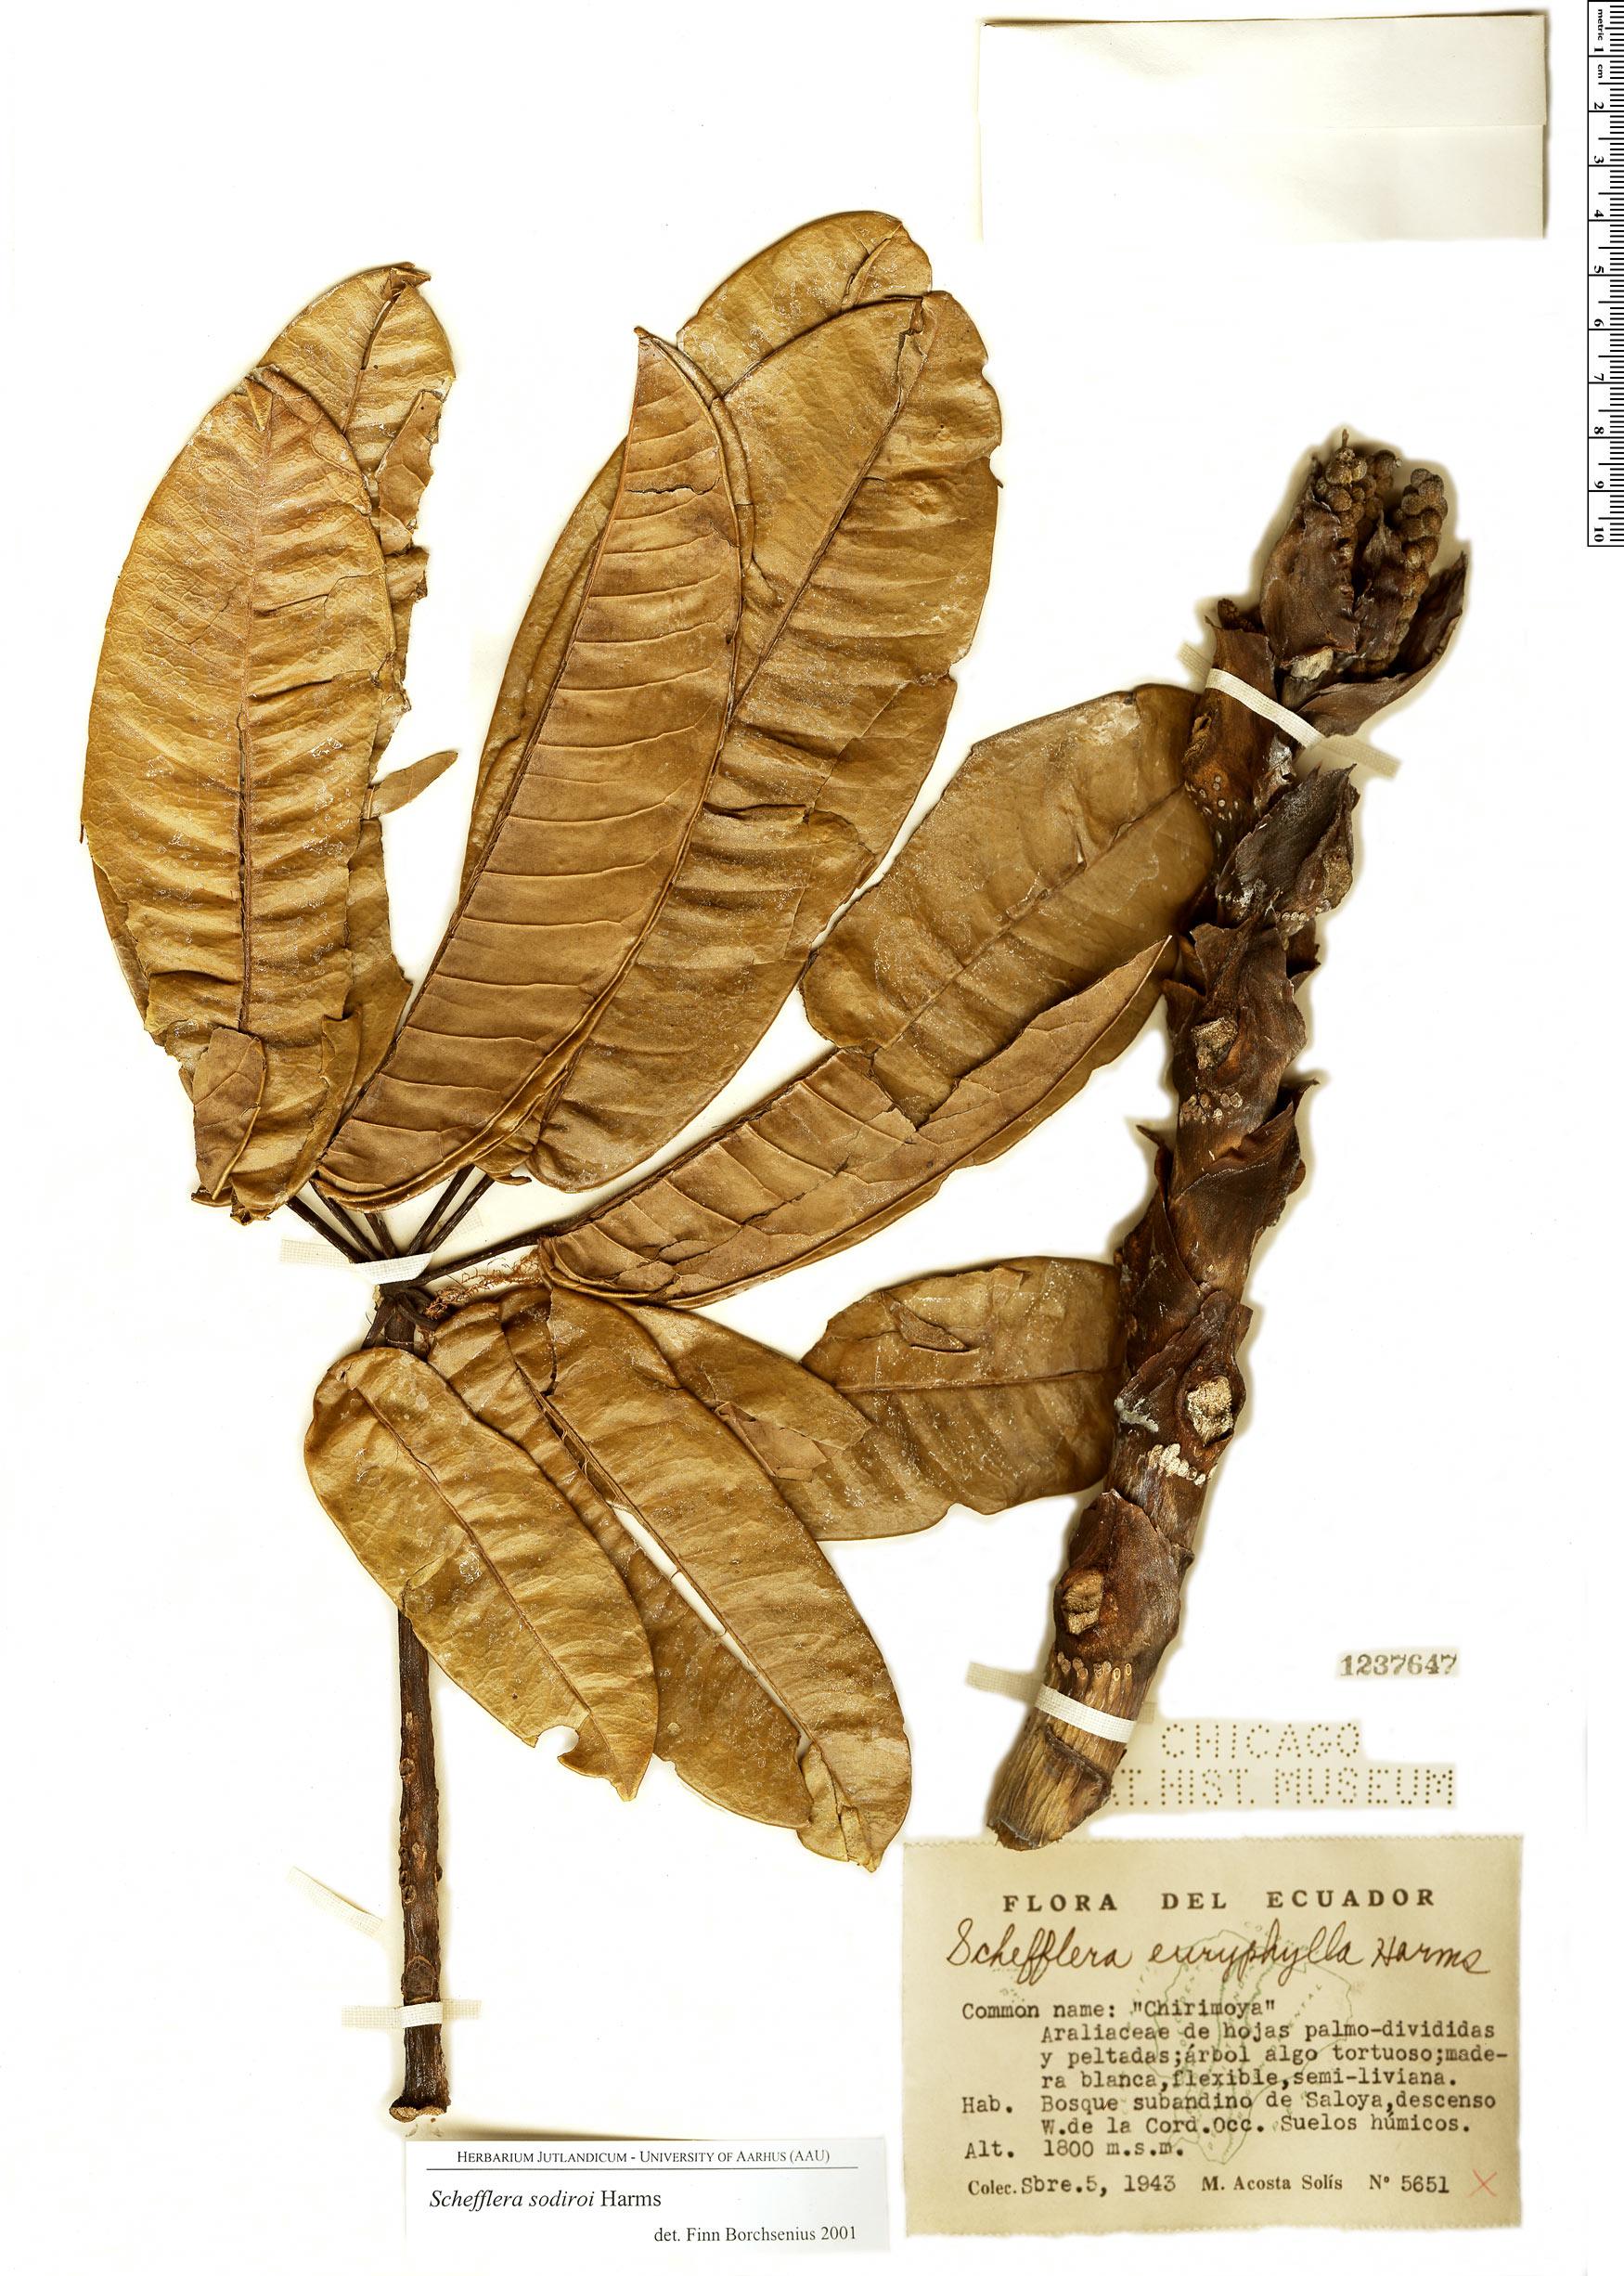 Specimen: Schefflera sodiroi